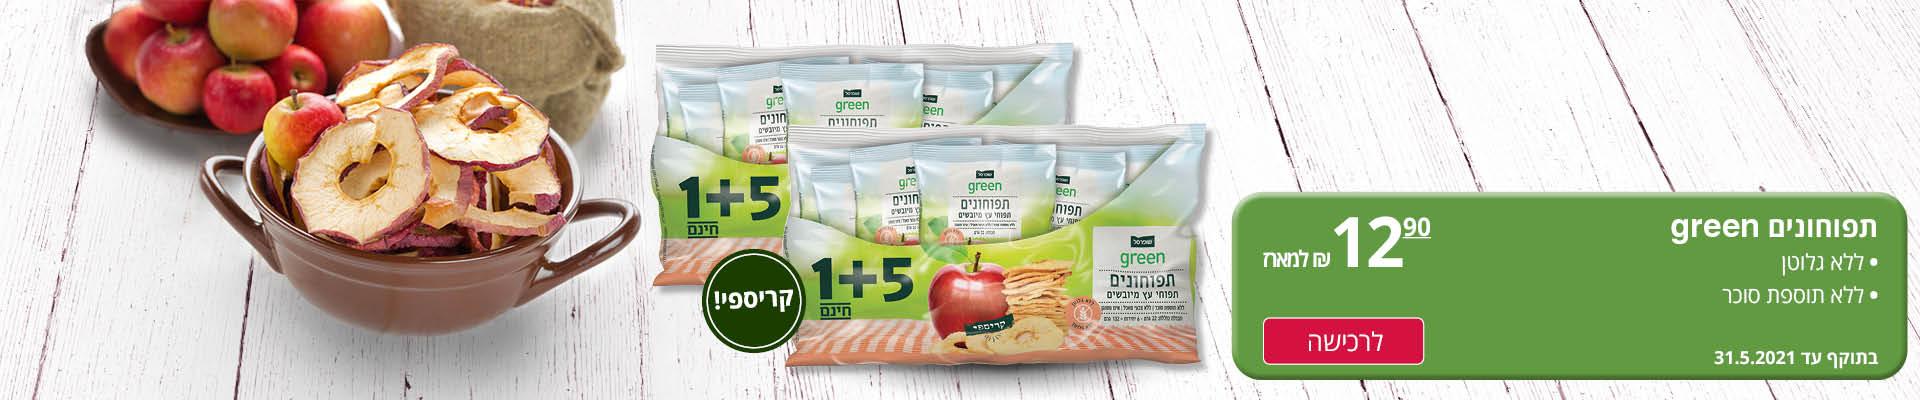 """תפוחונים GREEN ללא גלוטן ללא תוספת סוכר 12.90 הש""""ח למארז לרכישה בתוקף עד 31.5.2021"""